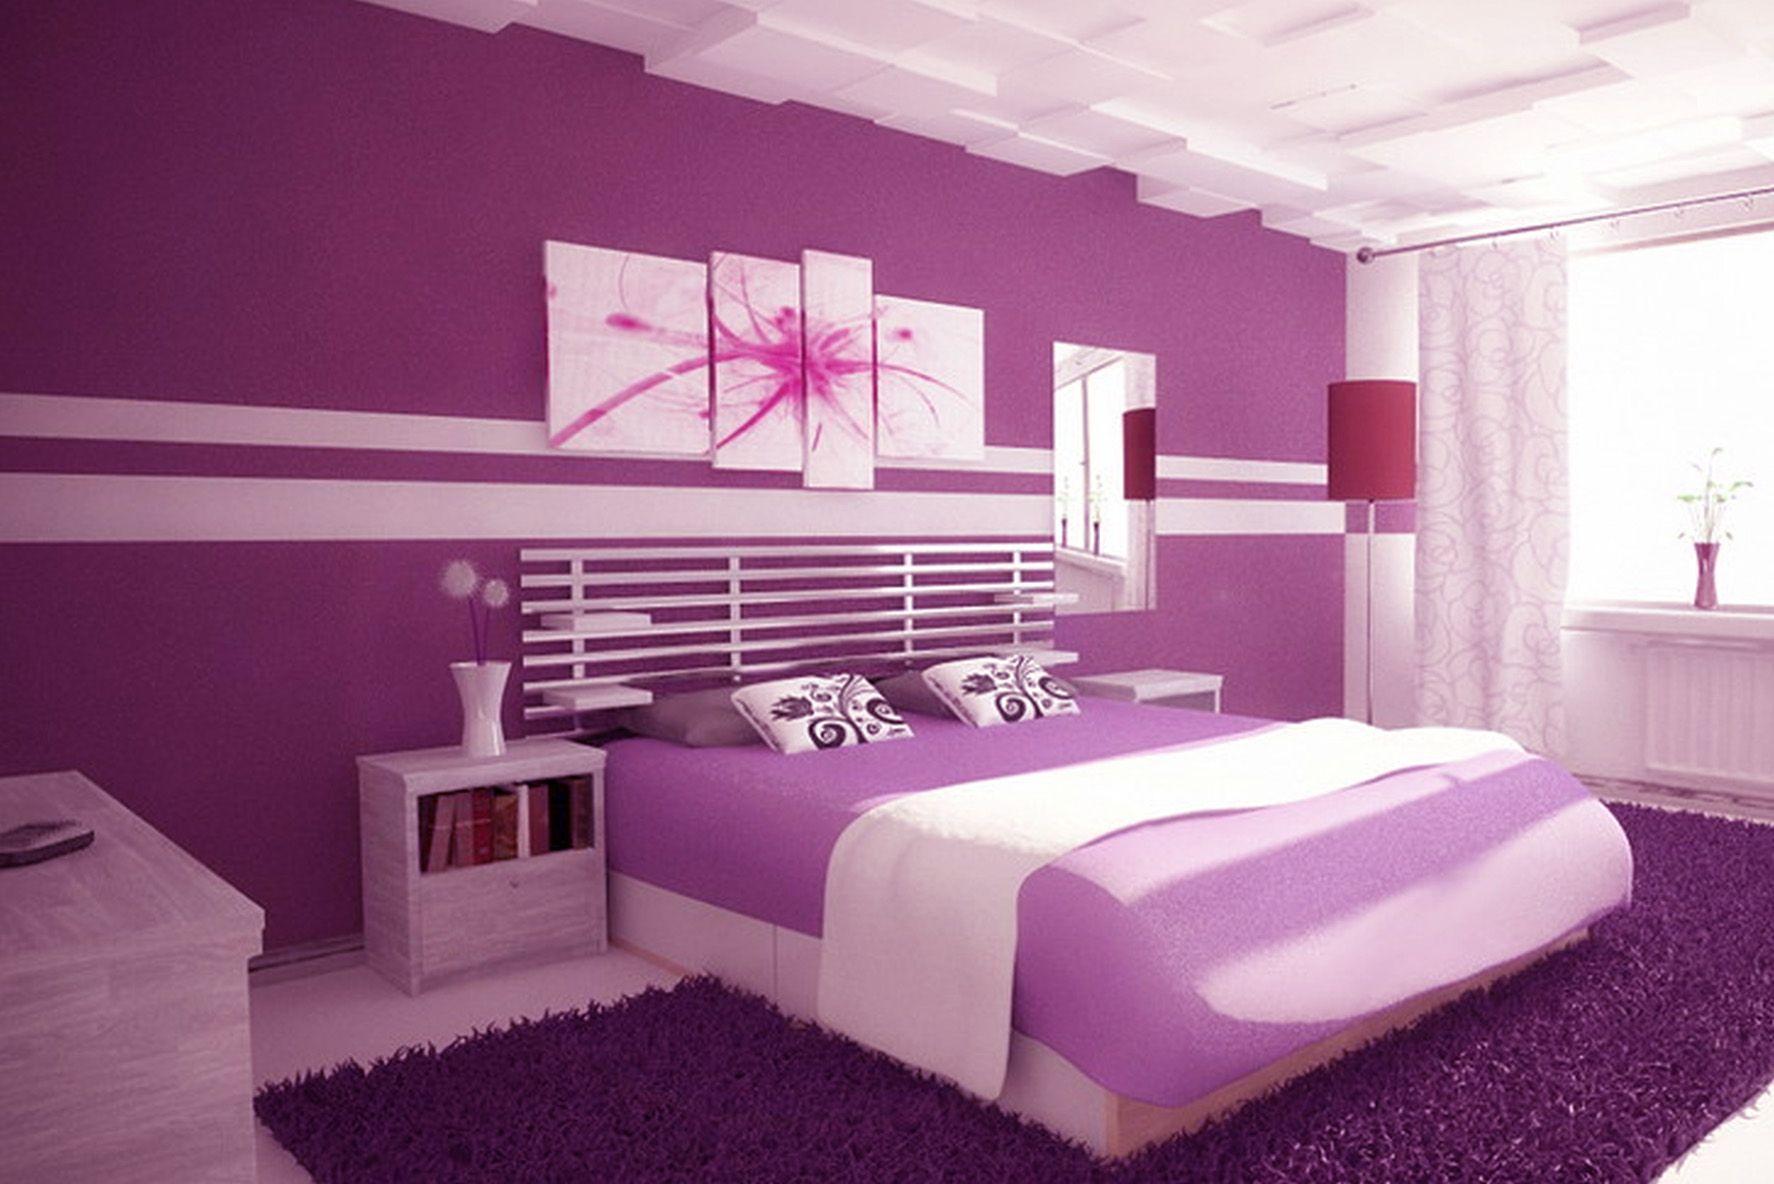 1001 Ideen Fur Jugendzimmer Madchen Einrichtung Und Deko Jugendzimmer Kinderzimmereinrichtung Lila Zimmer